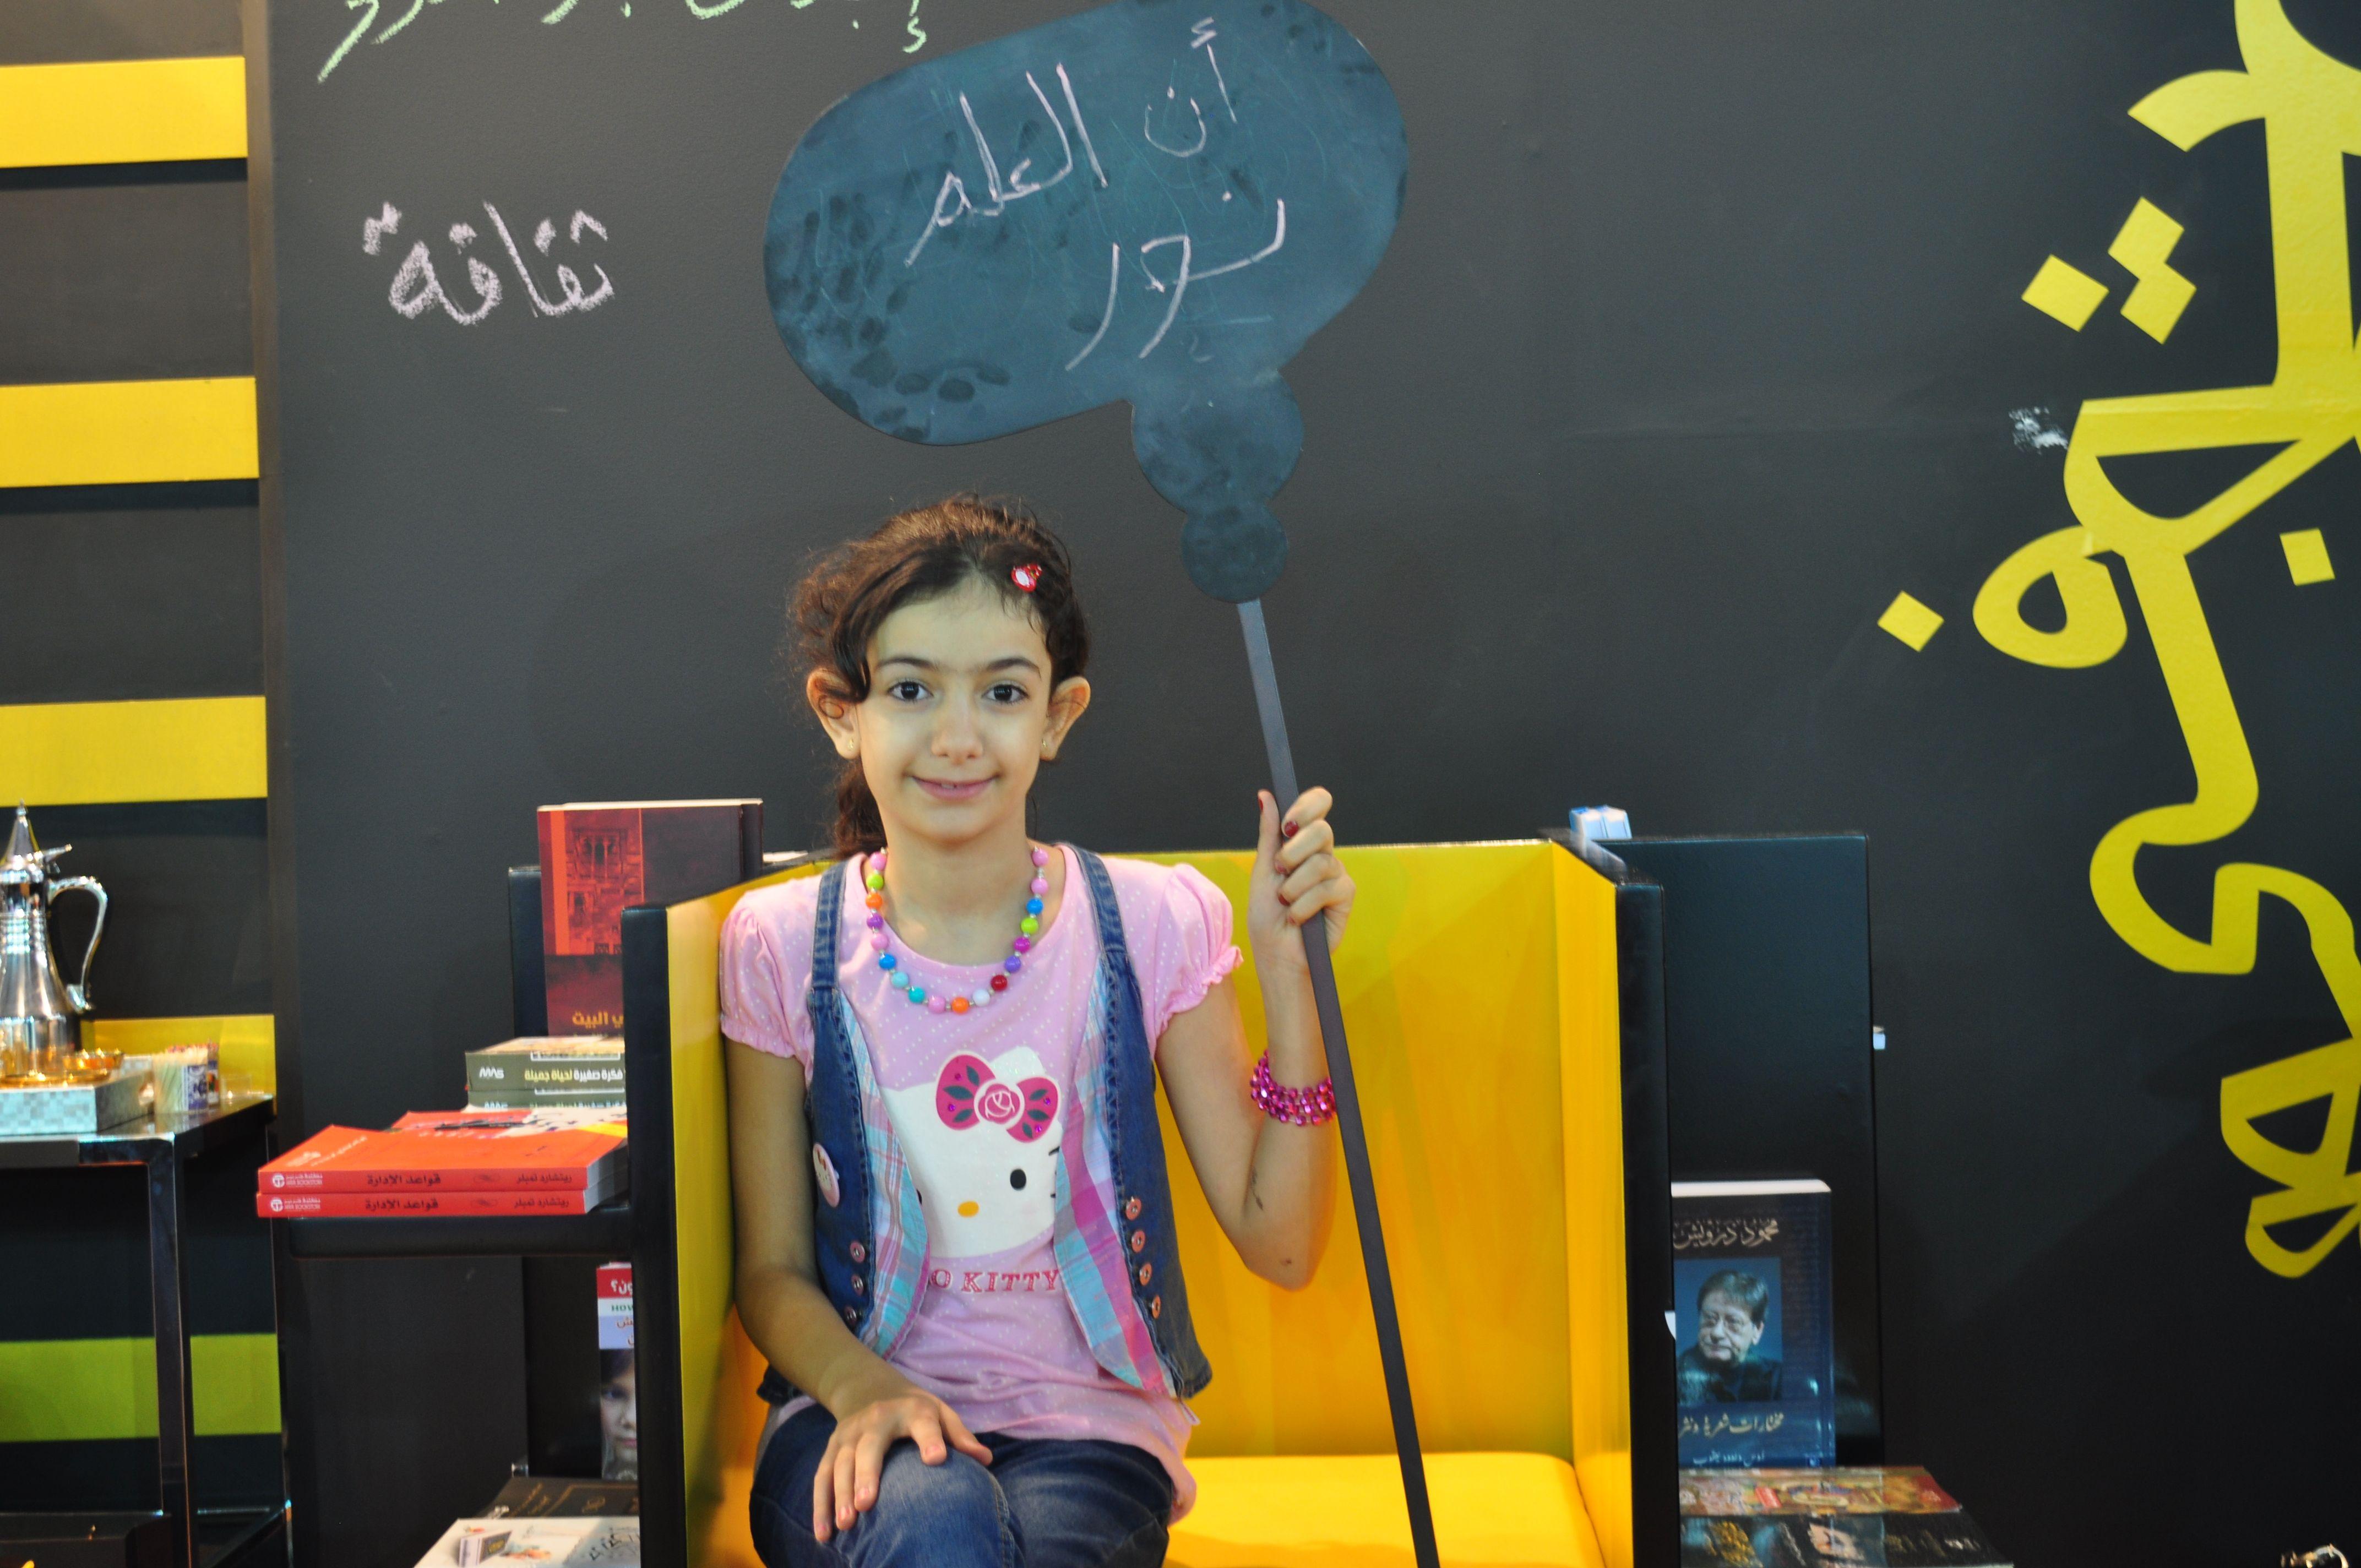 الطفلة جود ياسر في مبادرة وجوه